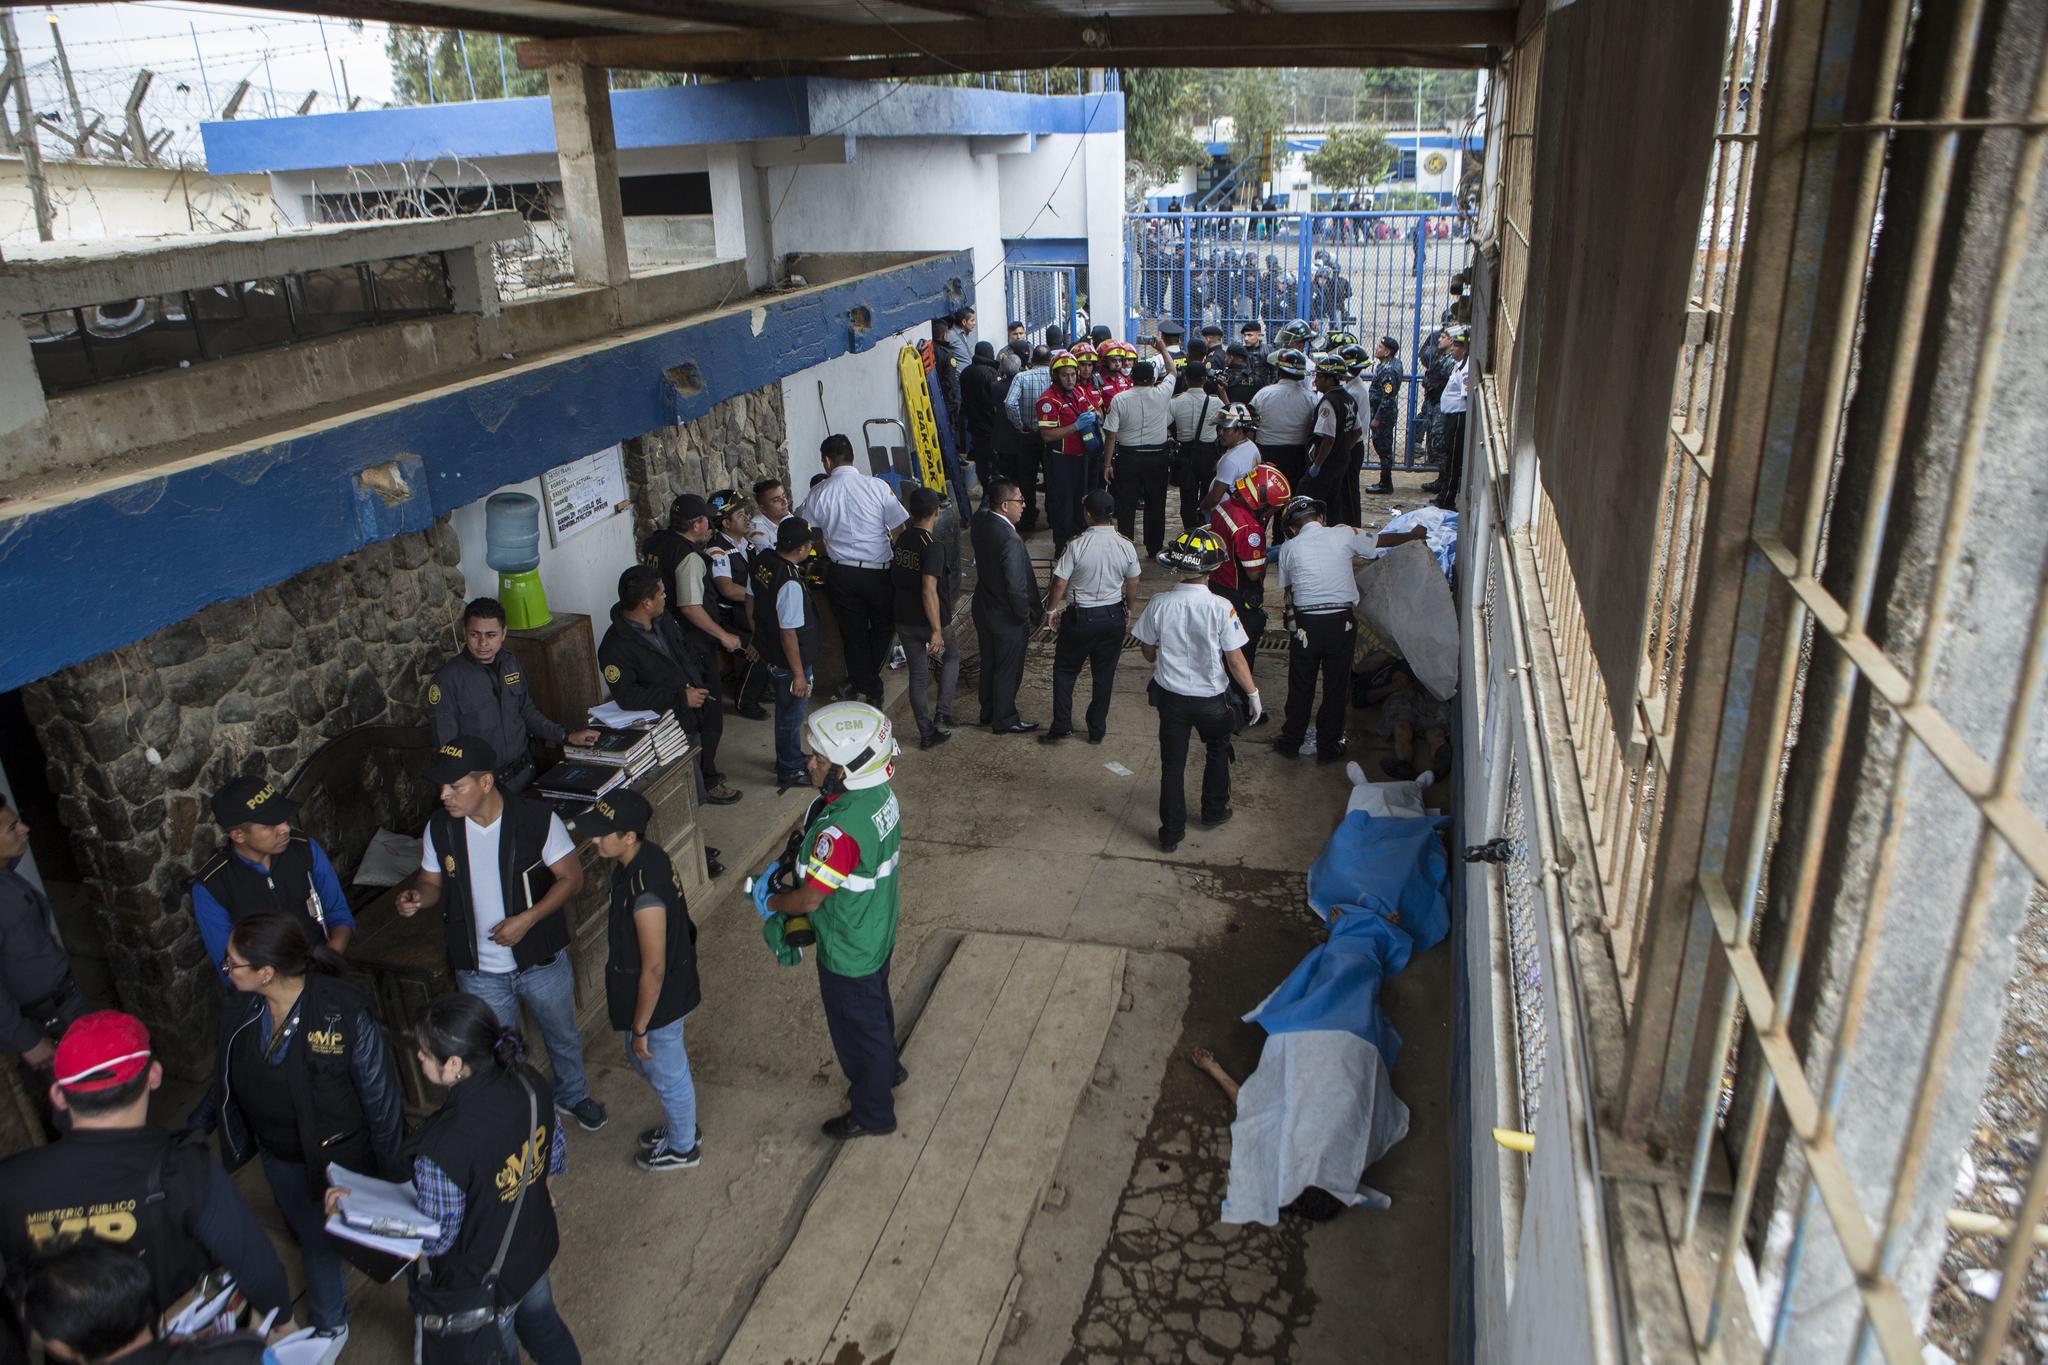 파본 교도소 폭동 현장에서 경찰과 군인들이 시신과 부상자들을 수습하고 있다. [AP=연합뉴스]